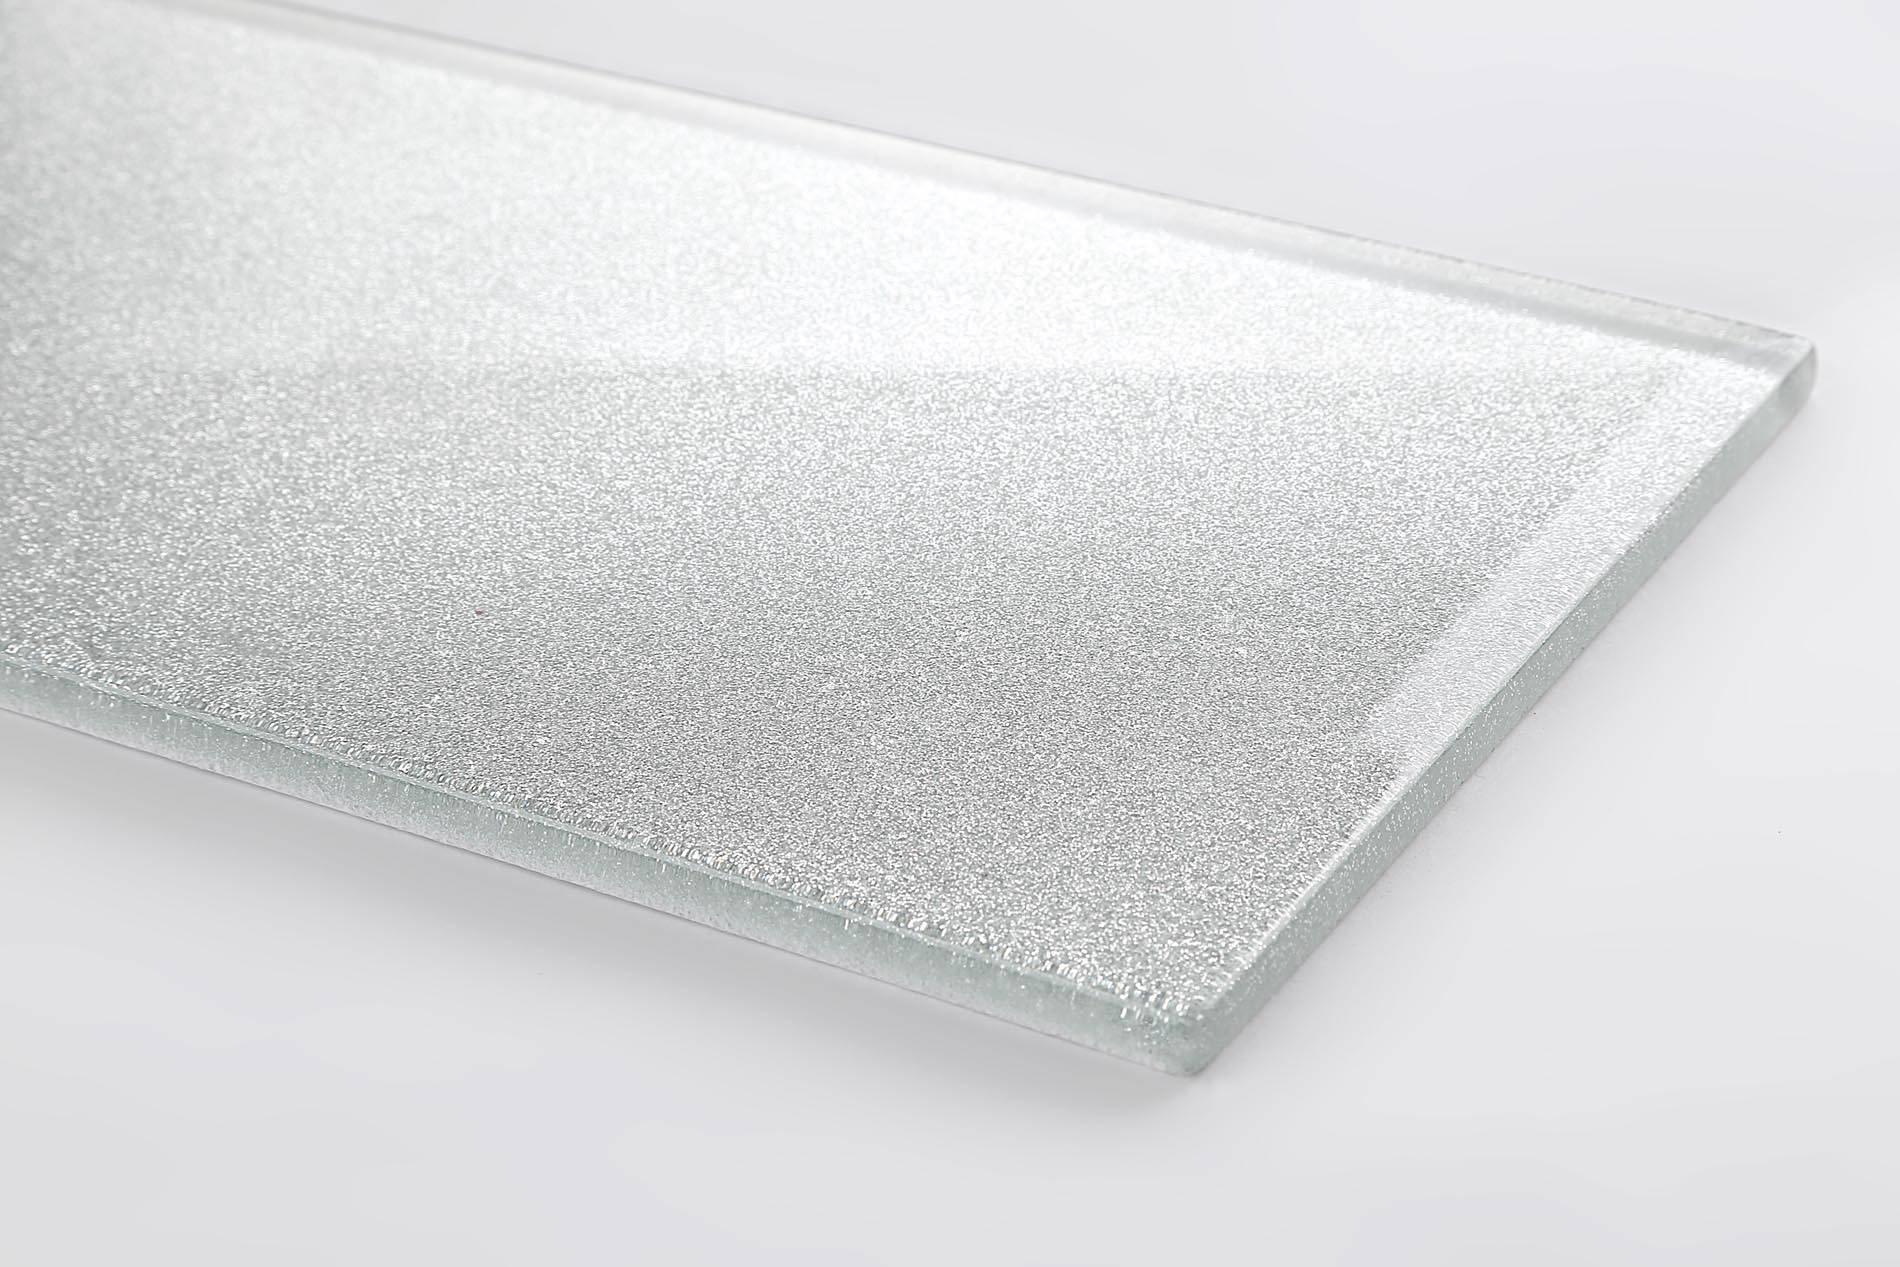 Weisse Fliesen Mit Glitzer Küchengestaltung Kleine Küche - Bodenfliesen mit glitzereffekt